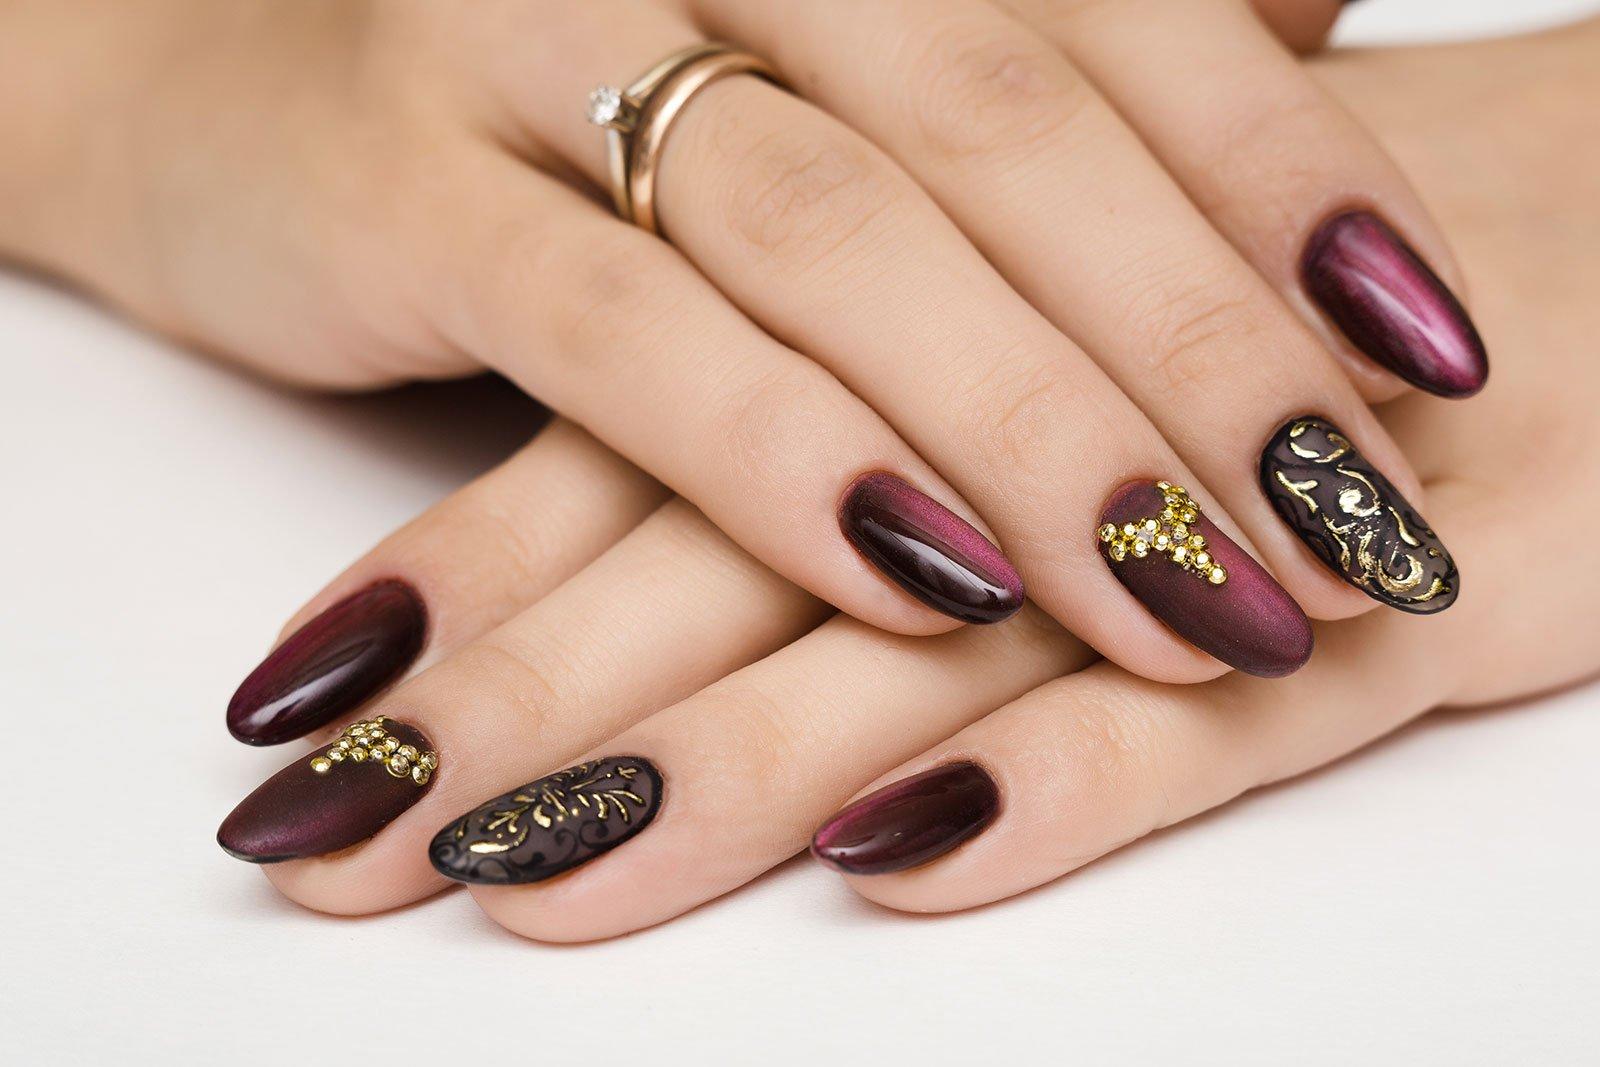 unghie con smalto decorato